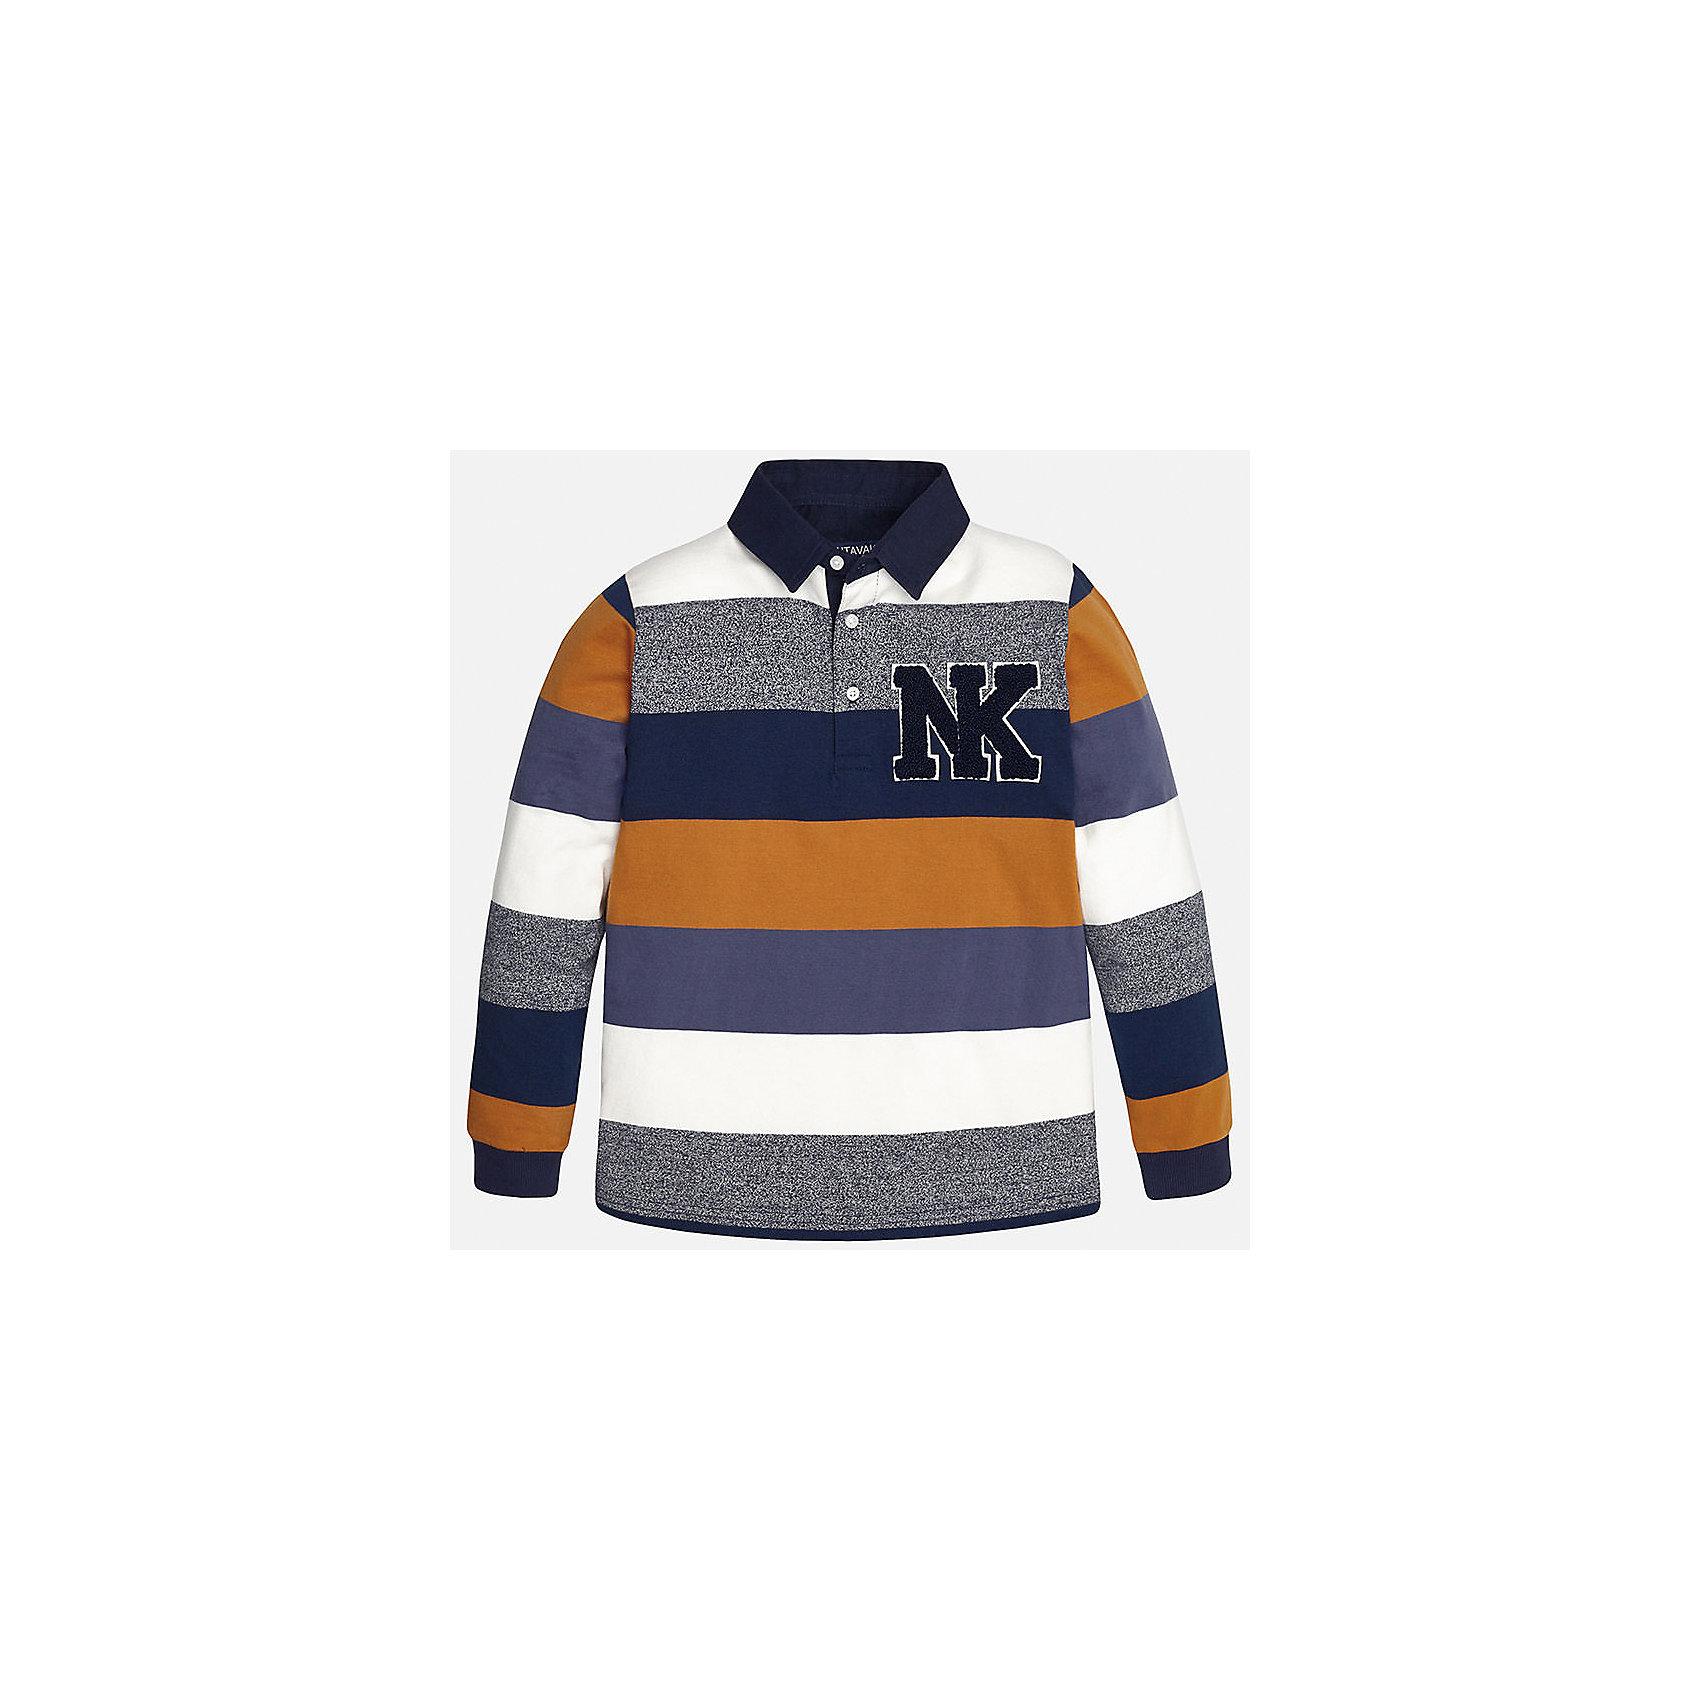 Рубашка-поло для мальчика MayoralРубашка-поло для мальчика из коллекции осень-зима 2016-2017 известного испанского бренда Mayoral (Майорал). Стильная и удобная рубашка на каждый день. Интересные полоски в темно-синих и оранжевых тонах прекрасно сочетаются с полосками пестрого серого и белого цветов. Рубашка имеет откидной воротничок, застегивается на три пуговицы с дизайном, а качественная махровая нашивка в спортивном стиле придет по вкусу вашему ребенку. Рубашка-поло отлично подойдет как к брюкам, так и к джинсам или штанам спортивного стиля, кроме того, ее можно носить поверх обычной рубашки.<br><br>Дополнительная информация:<br><br>- Рукав: длинный<br>- Силуэт: прямой<br>Состав: 92% хлопок, 8% полиэстер<br><br>Рубашку- поло для мальчиков Mayoral (Майорал) можно купить в нашем интернет-магазине.<br><br>Подробнее:<br>• Для детей в возрасте: от 9 до 12 лет<br>• Номер товара: 4826829<br>Страна производитель: Индия<br><br>Ширина мм: 174<br>Глубина мм: 10<br>Высота мм: 169<br>Вес г: 157<br>Цвет: желтый<br>Возраст от месяцев: 156<br>Возраст до месяцев: 168<br>Пол: Мужской<br>Возраст: Детский<br>Размер: 158/164,164/170,128/134,140/146,146/152,152/158<br>SKU: 4826828